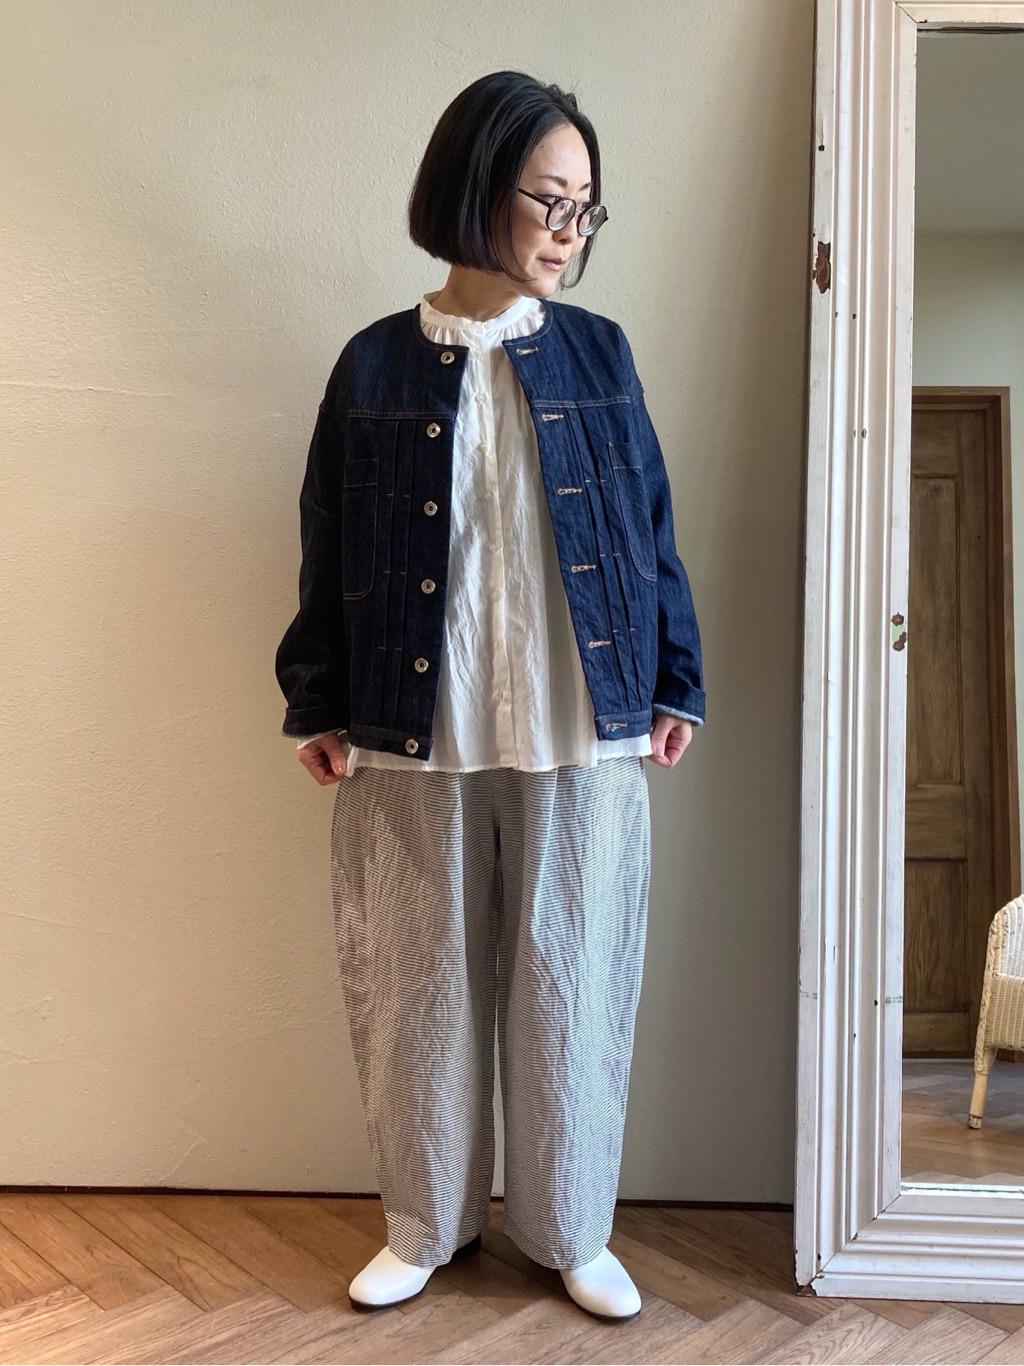 yuni 京都路面 身長:152cm 2021.03.13